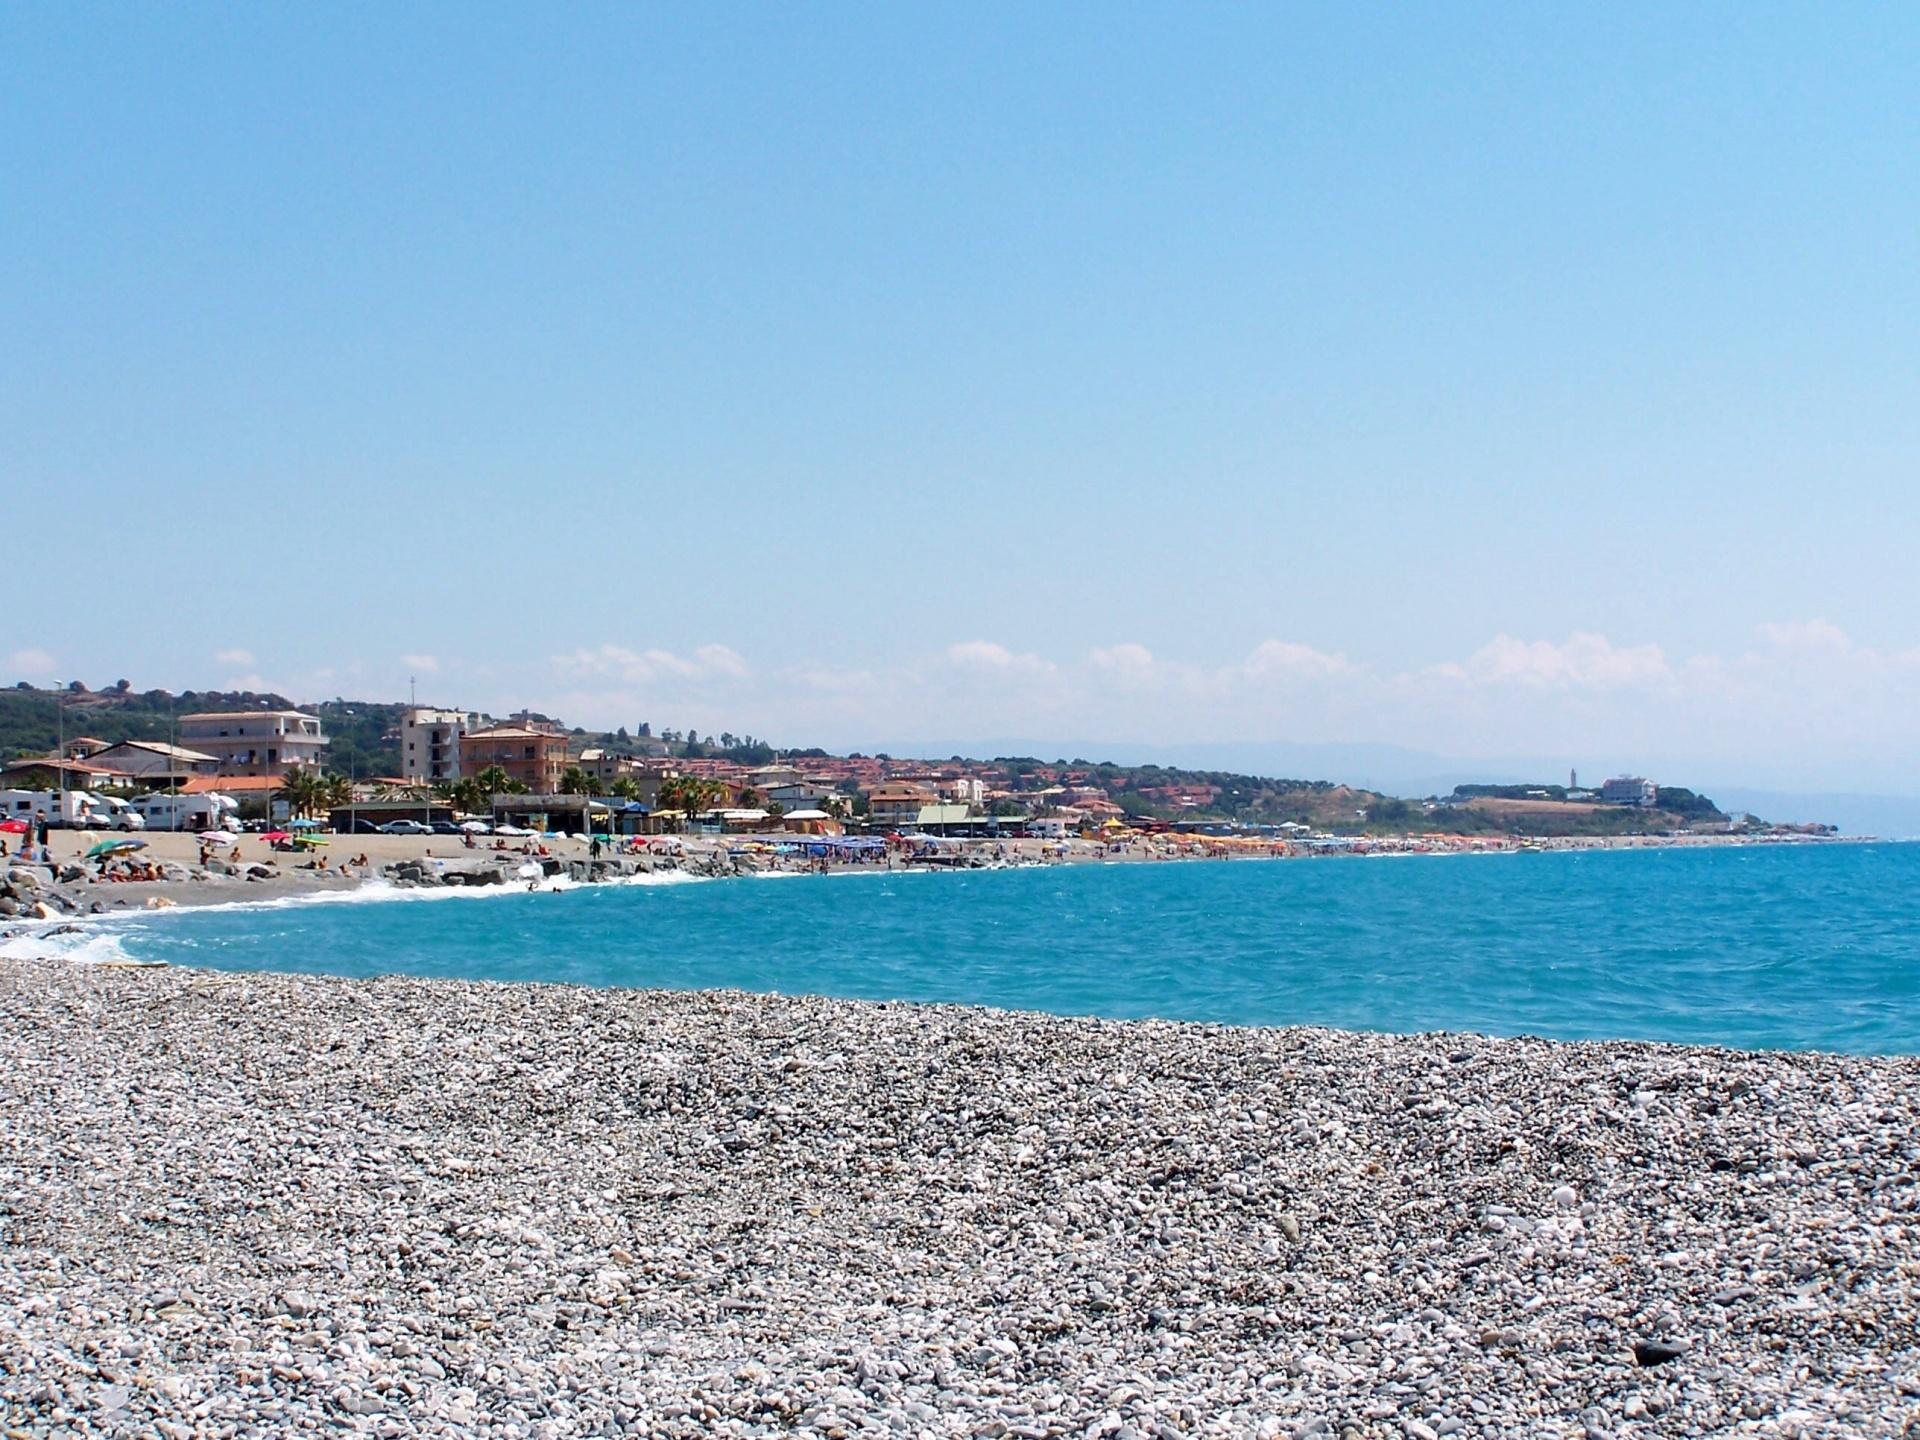 Spiaggia di Falerna Marina